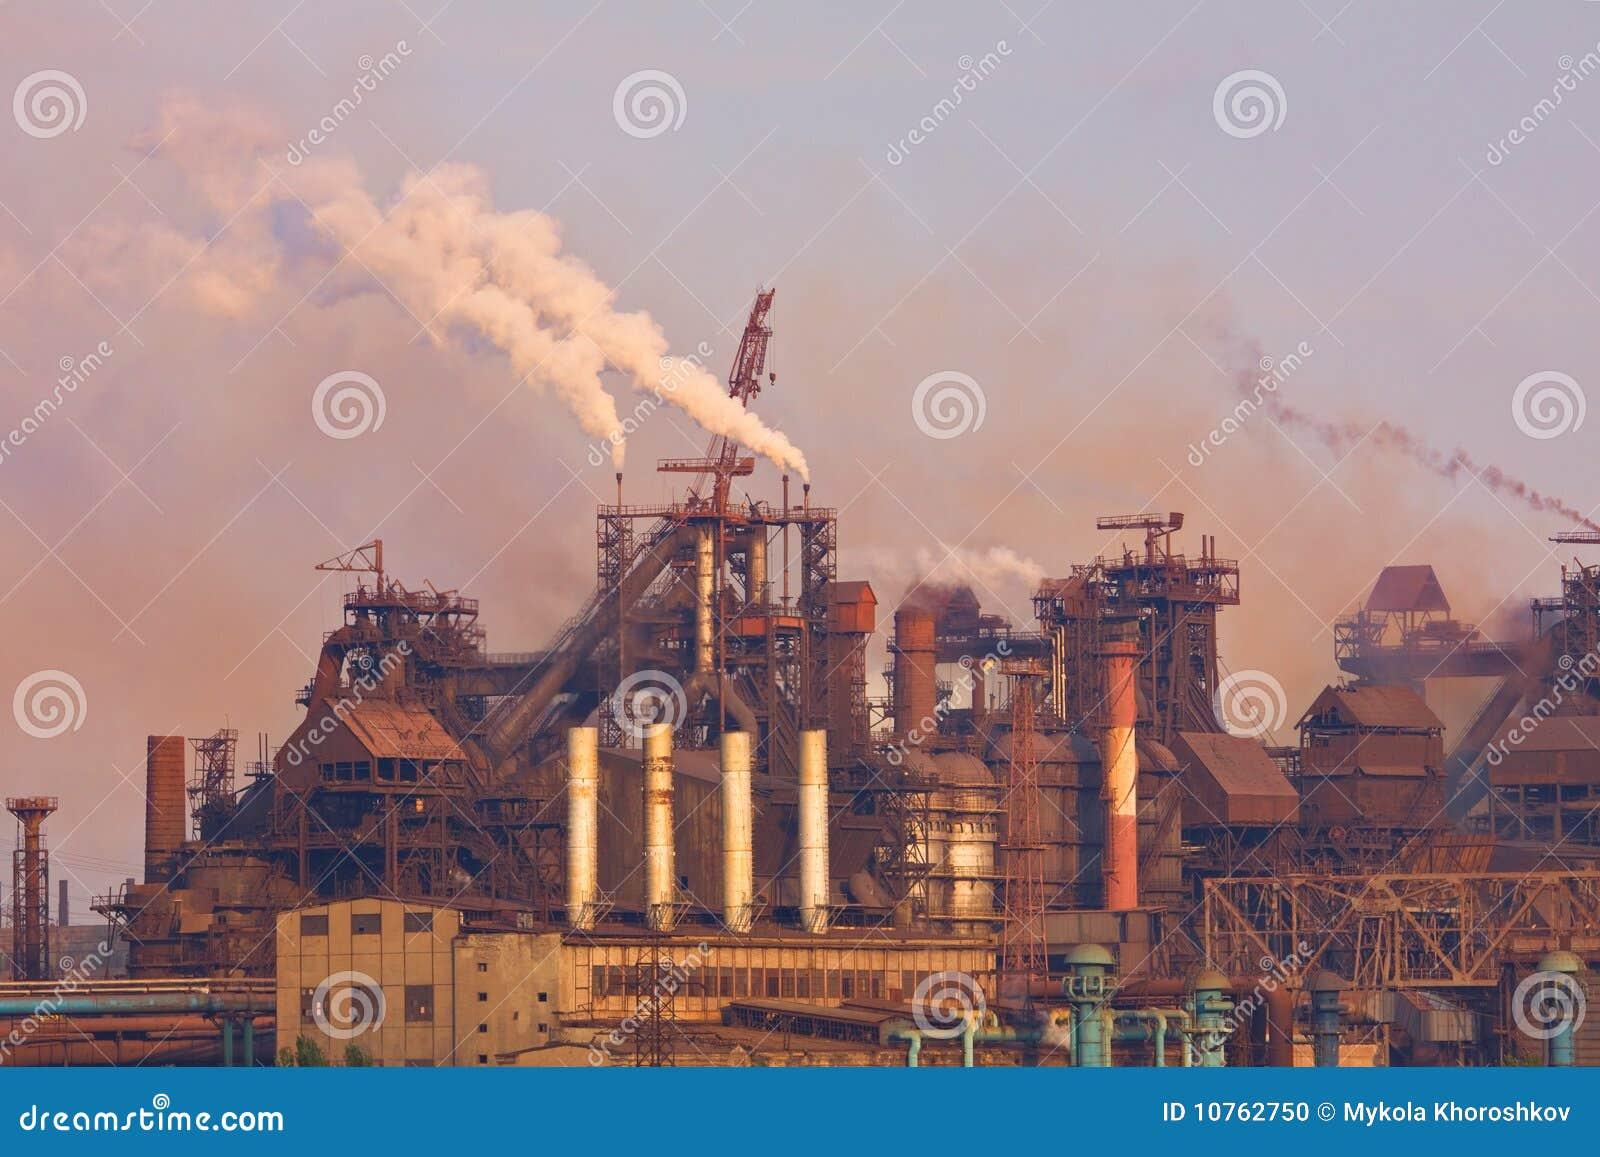 Industrieanlage mit Rauche